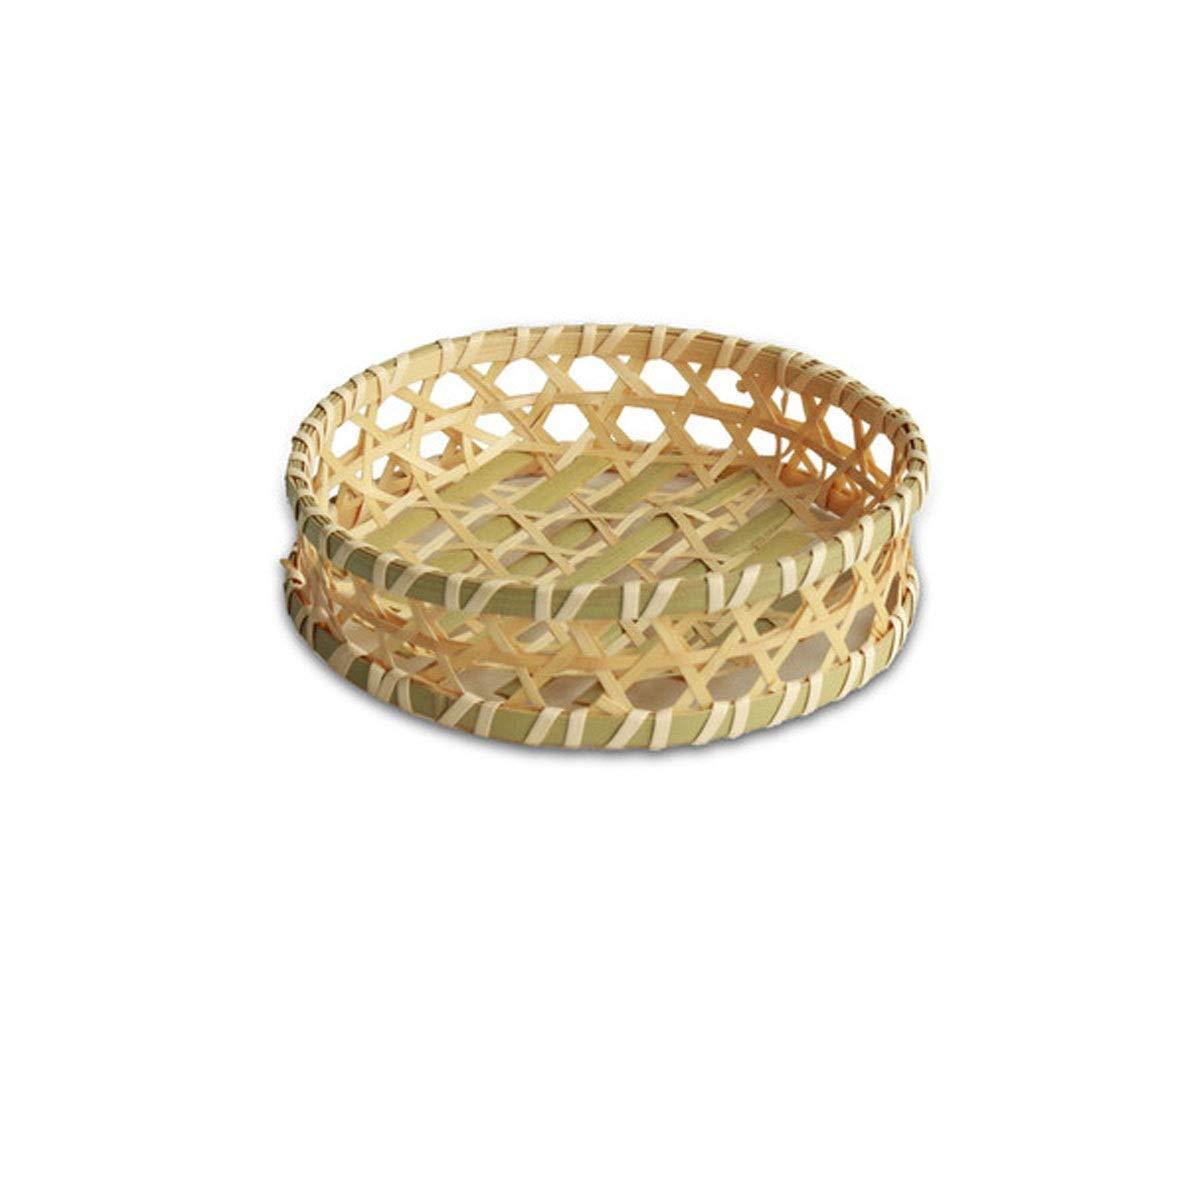 QINRUIKUANGSHAN Bamboo Baskets, Snack Baskets, Snack Baskets, Bamboo Baskets, Fruit Baskets, Hot Pot Restaurant Baskets, Taro Baskets Bread Basket, (Color : A, Size : 184.5cm) by QINRUIKUANGSHAN